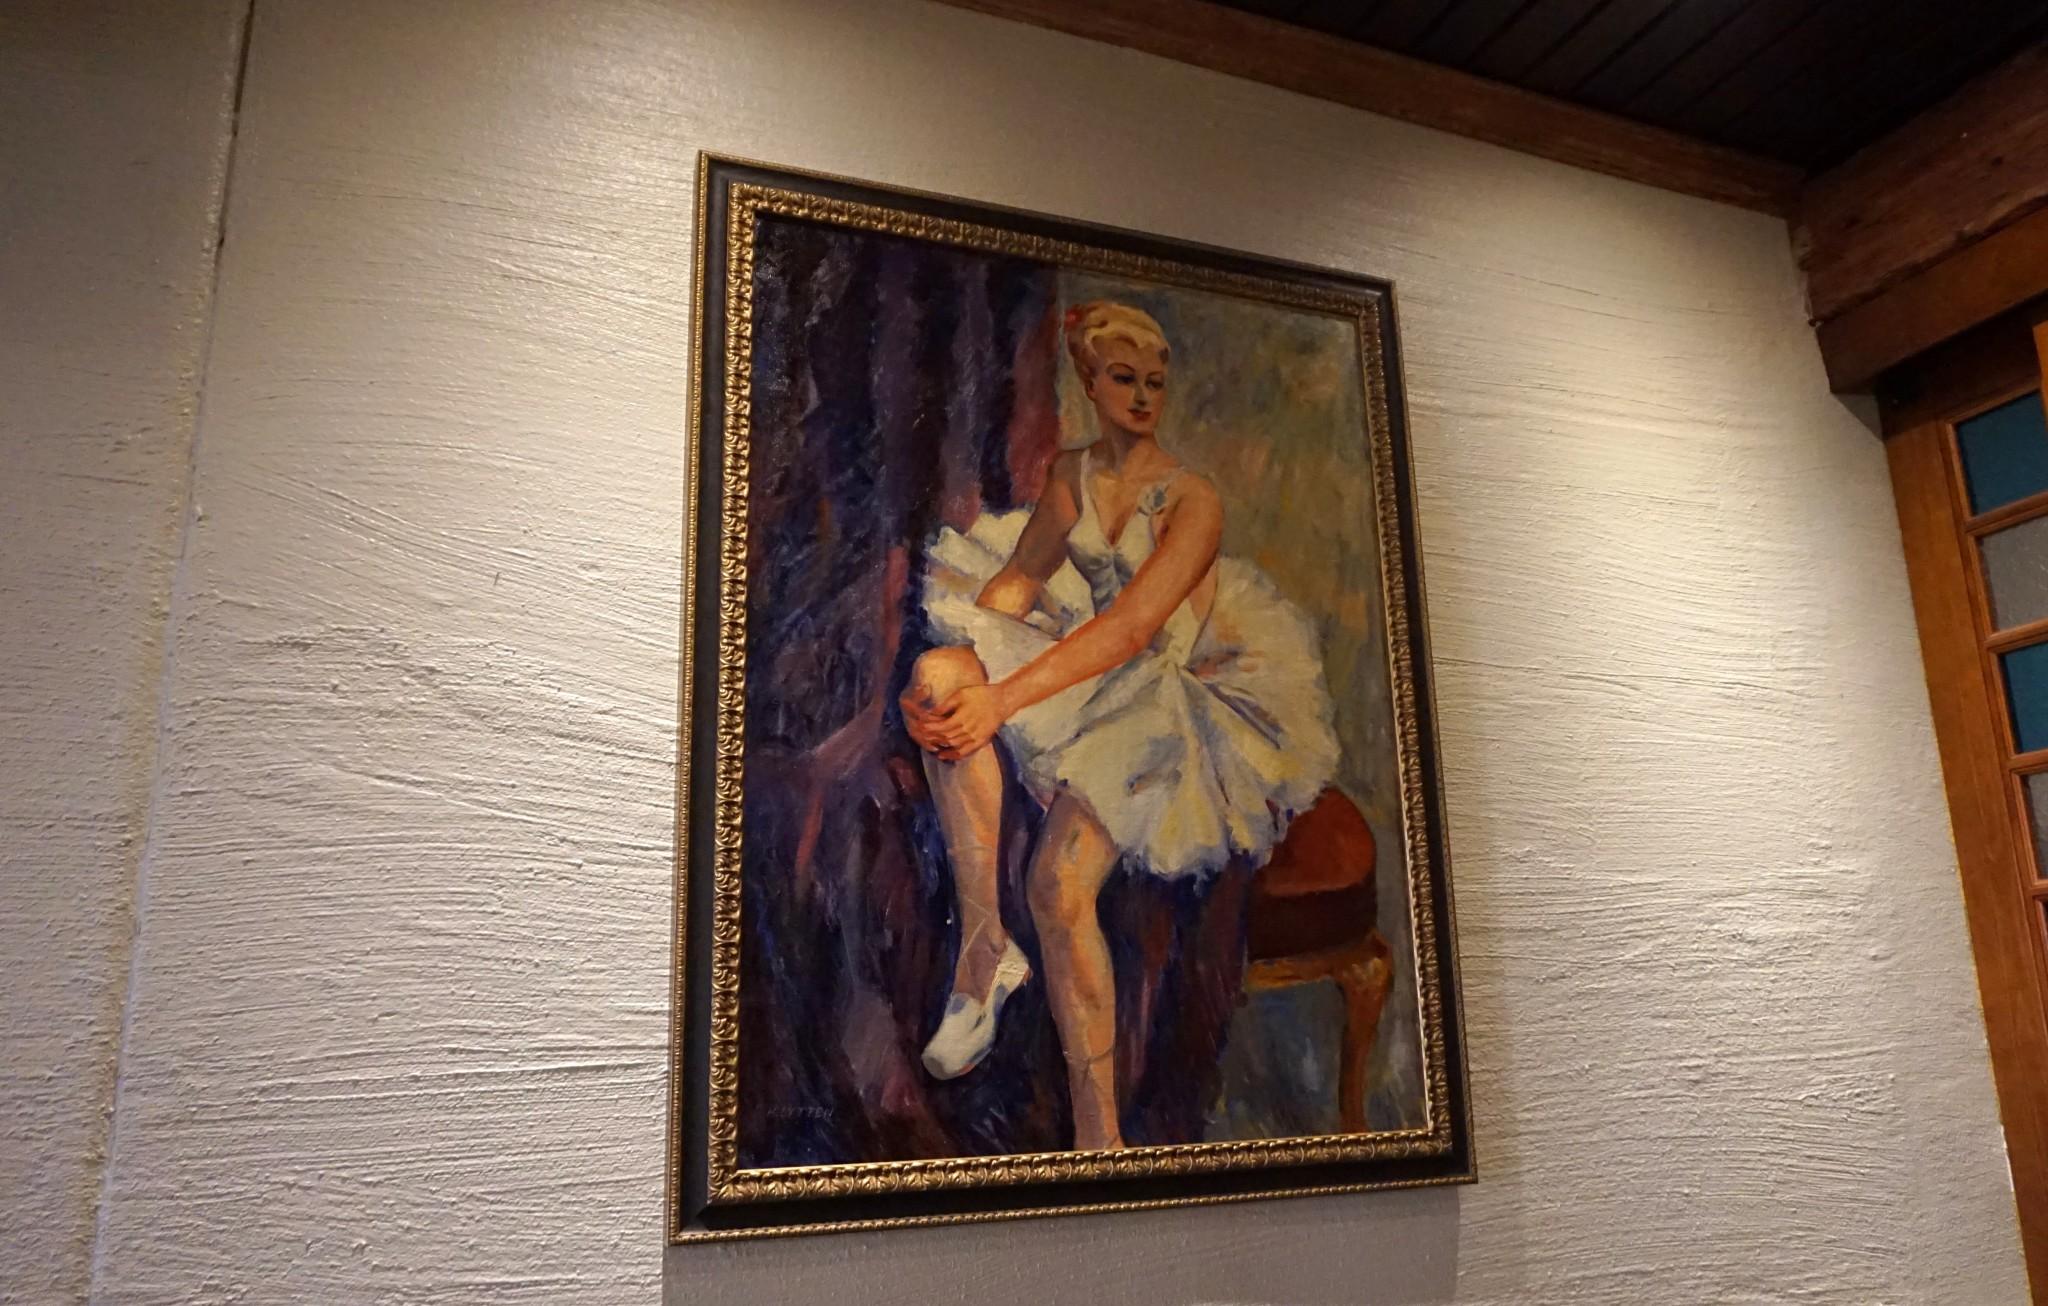 Ravintolan nimi tulee tämän maalauksen neidon tarinasta. Ranskalainen tyttö rakastui Lapissa uittojätkään, mutta ylhäinen isä ei suhdetta hyväksynyt. Niin Chérie (eli rakas) raahattiin takaisin Ranskaan.